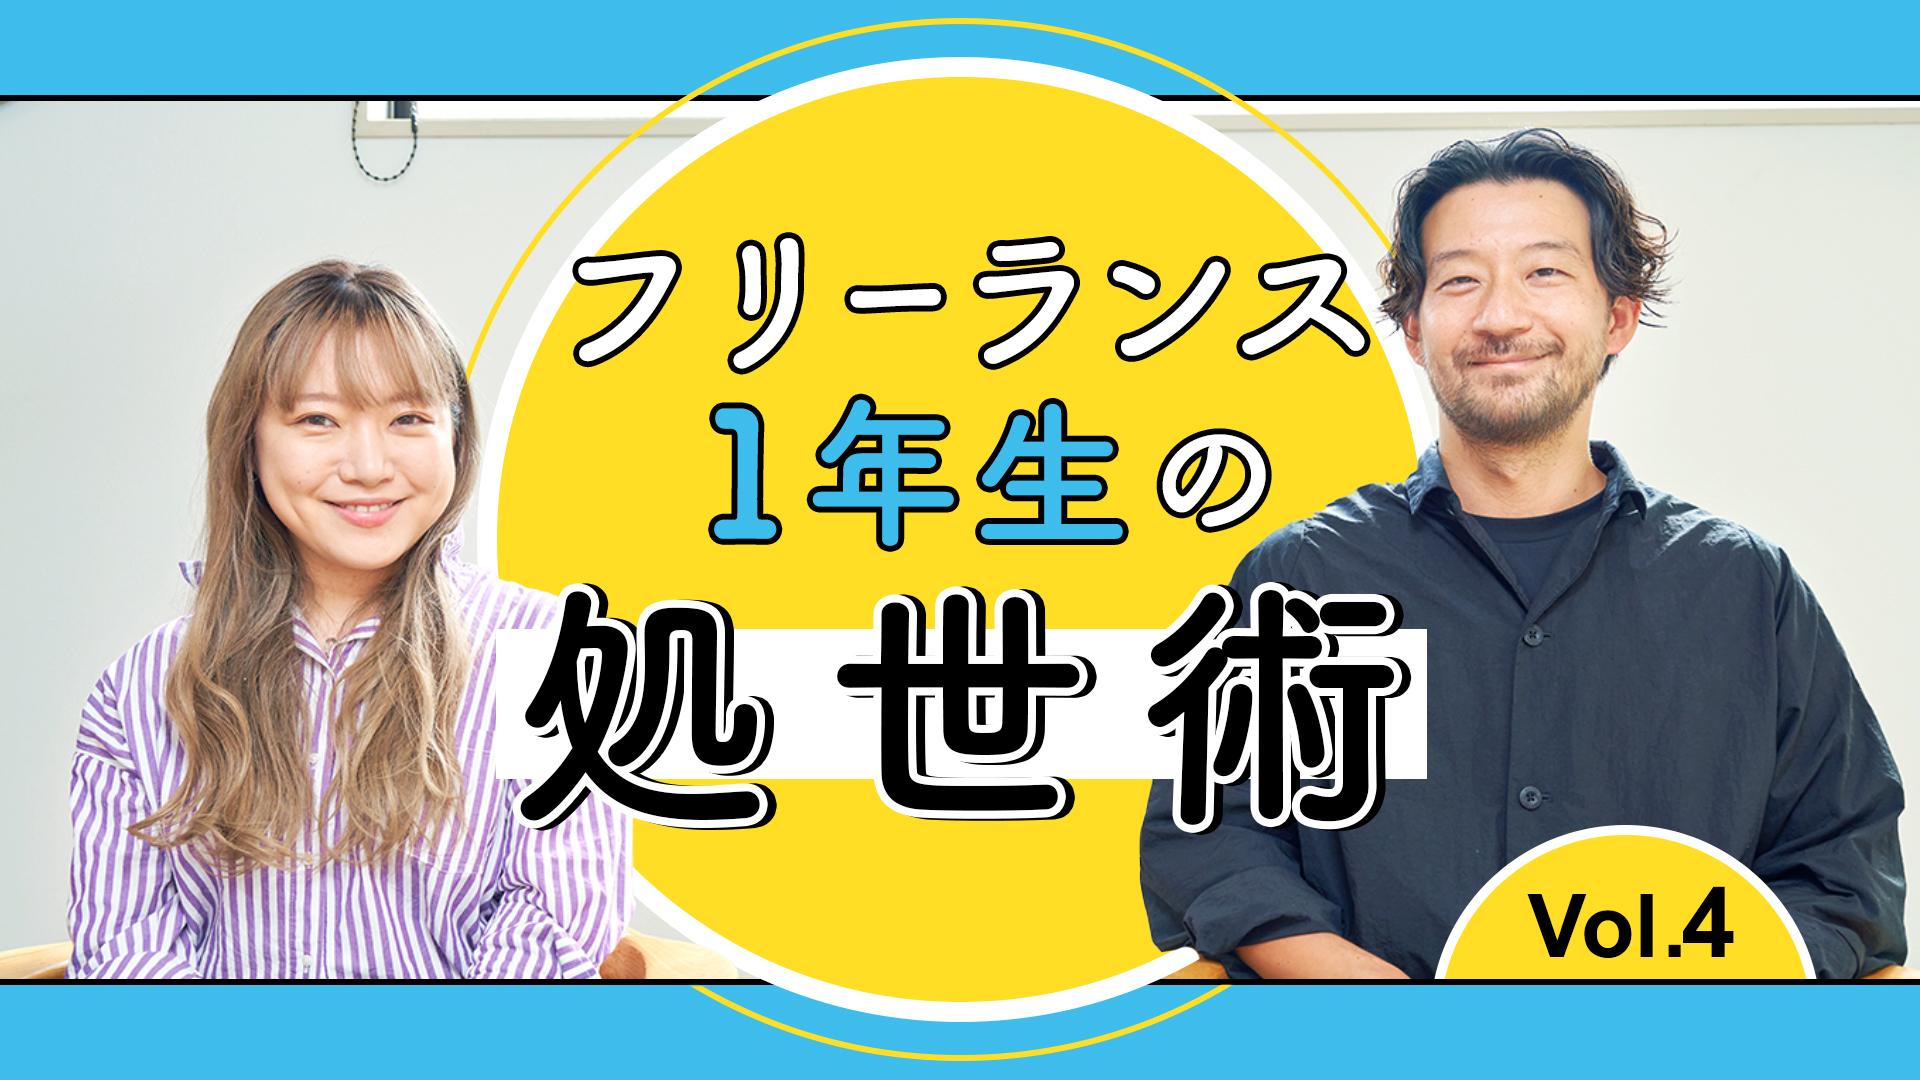 税理士・松崎怜が教えるフリーランス1年生が知っておくべき12のこと【4】「独立の手続き&役所とのコミュニケーション術」